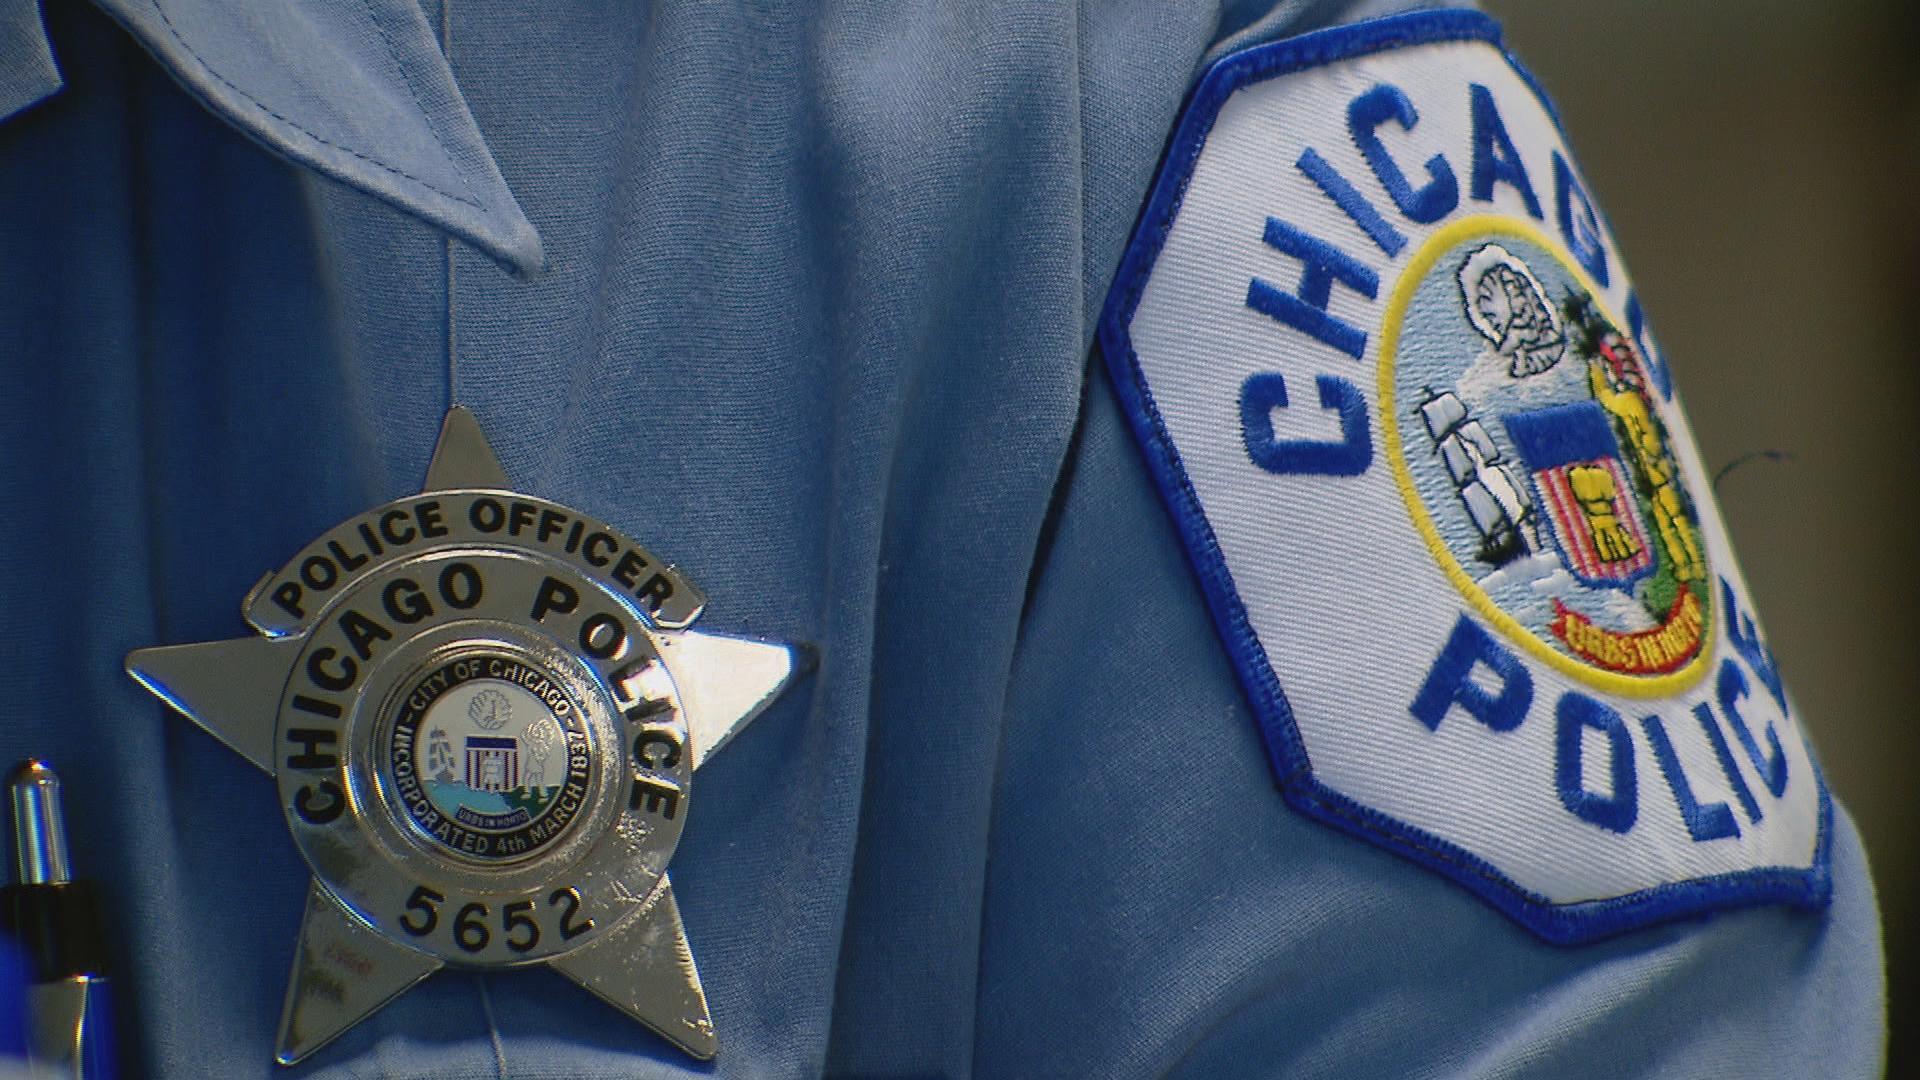 Φρίκη στο Σικάγο: Μαχαίρωσε 27 φορές φύλακα καταστήματος επειδή της ζήτησε να φορέσει μάσκα– ΒΙΝΤΕΟ